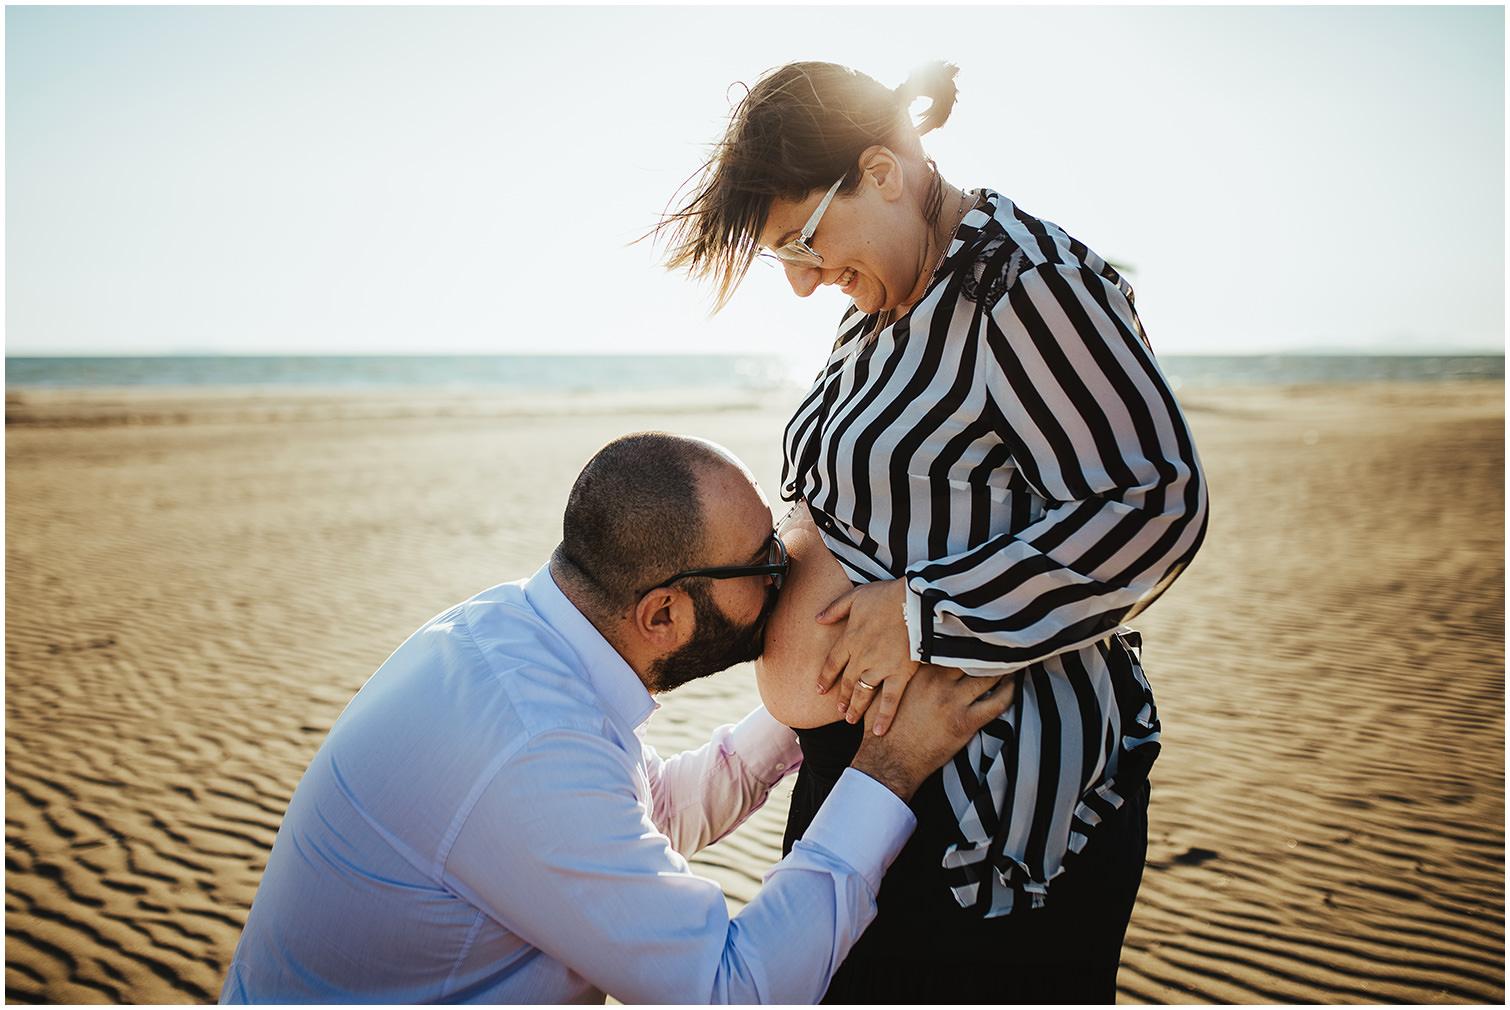 rosi-miche-maternity-session-sara-lorenzoni-fotografia-arezzo-grosseto-fotografo-matrimonio-10